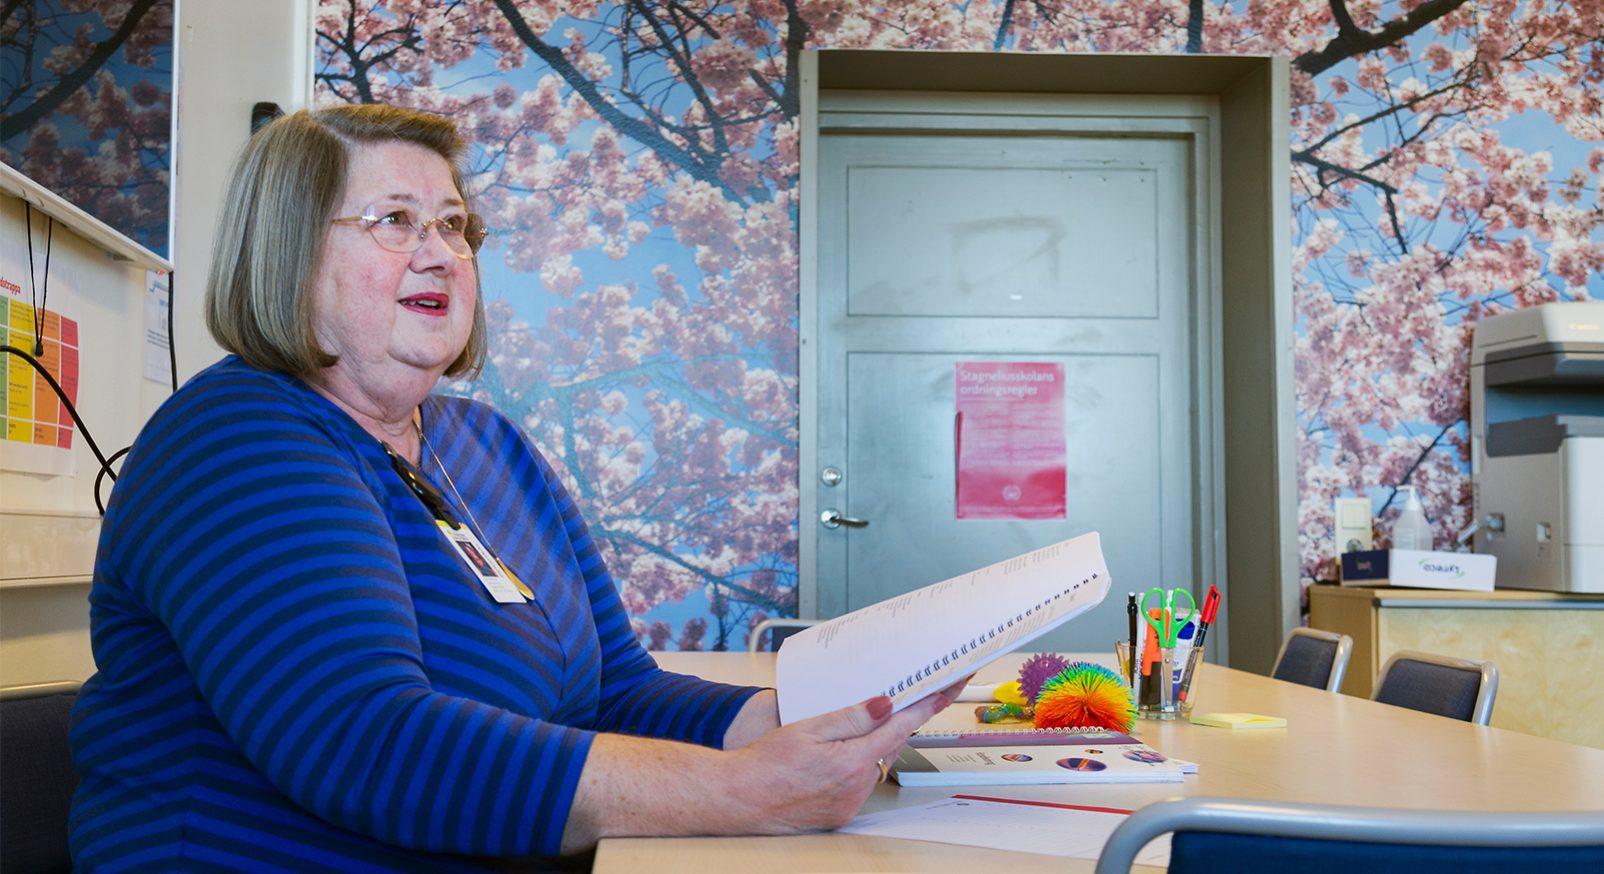 Ann-Katrin Wijk